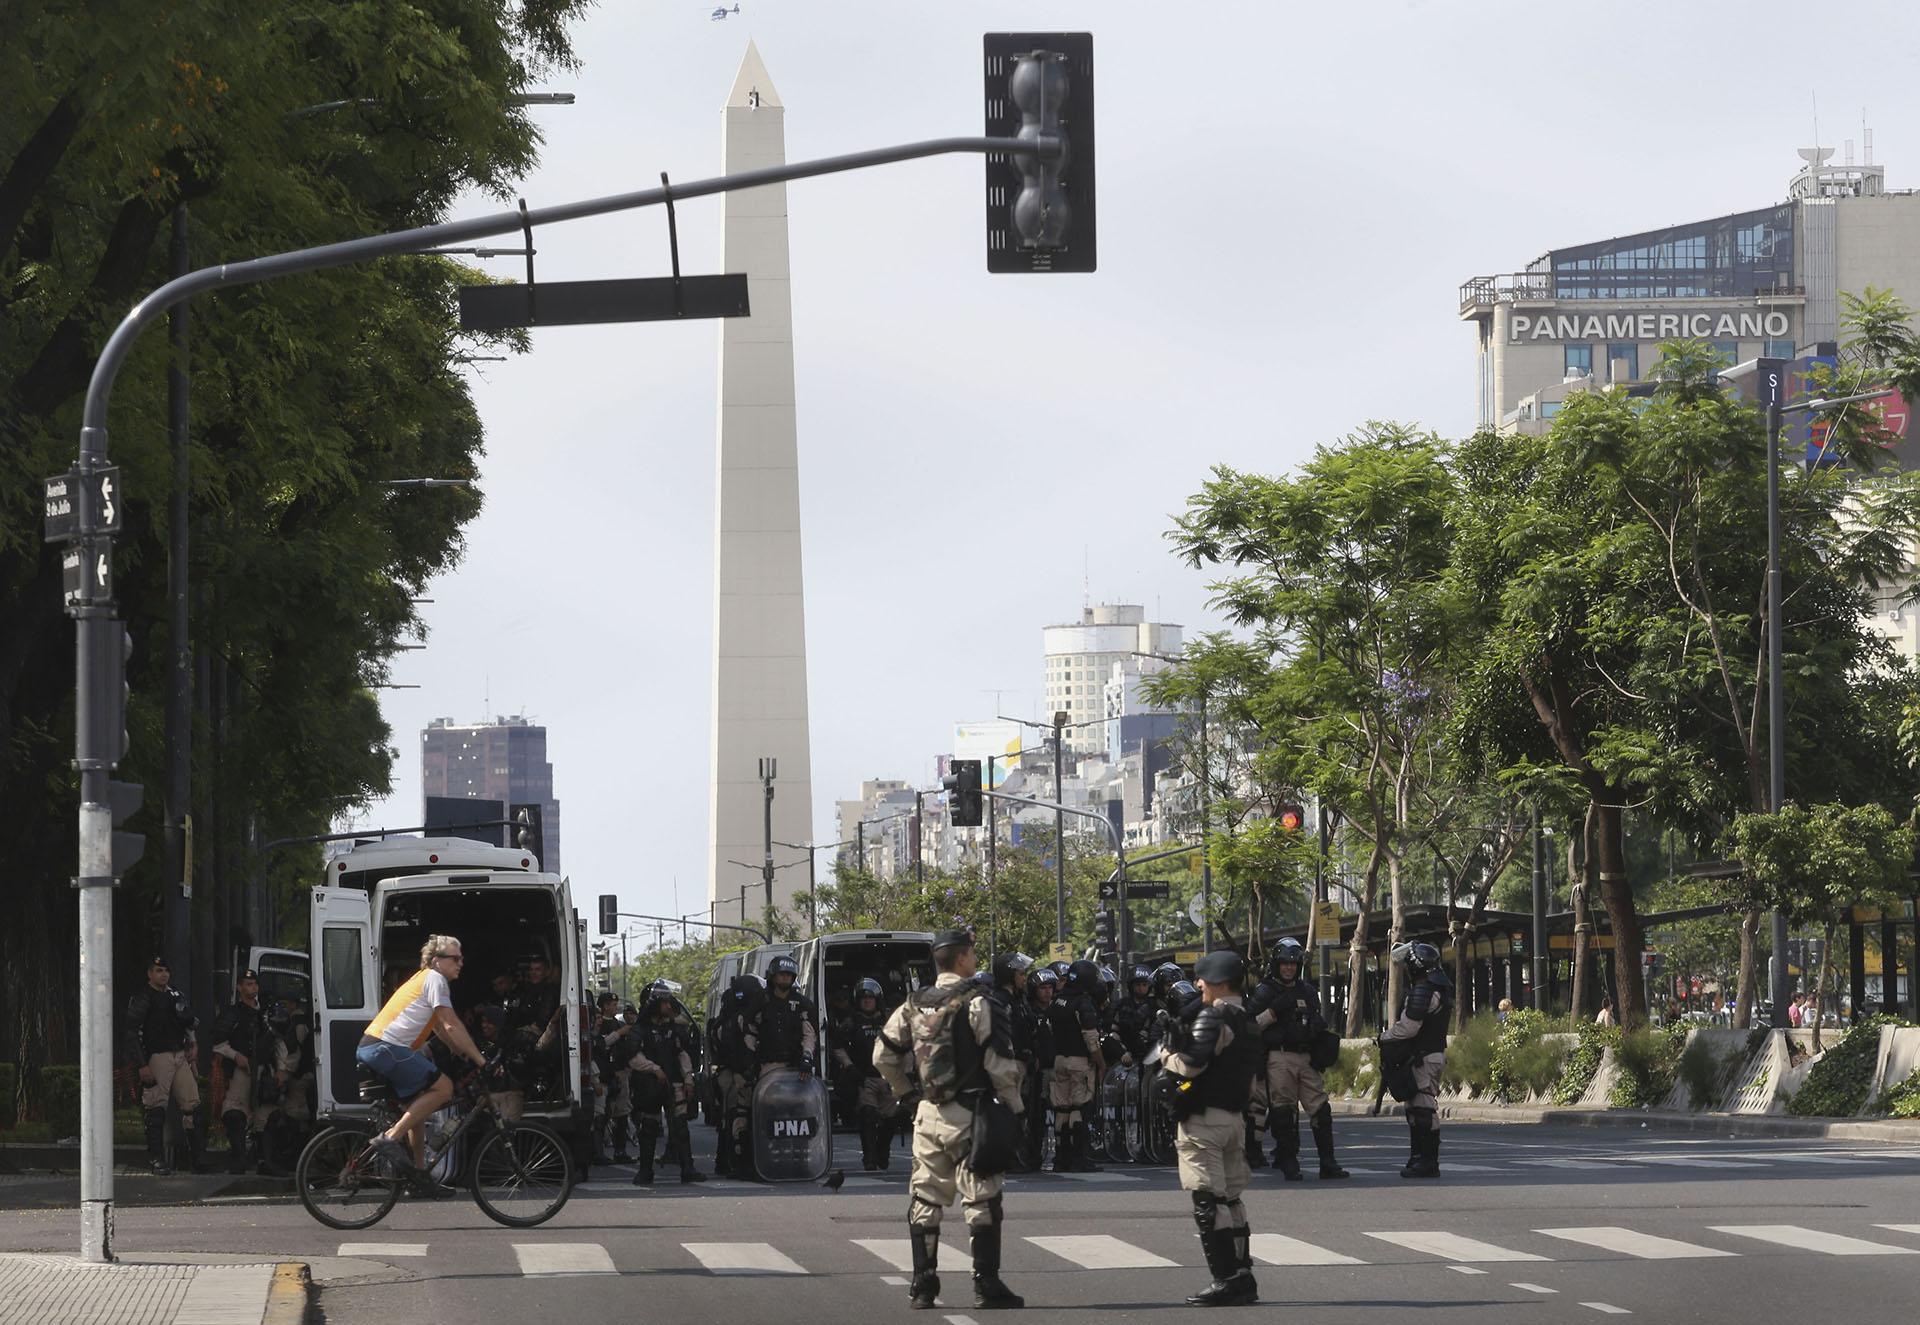 Habrá un operativo especial de seguridad y corte de calles en las inmediaciones del Obelisco